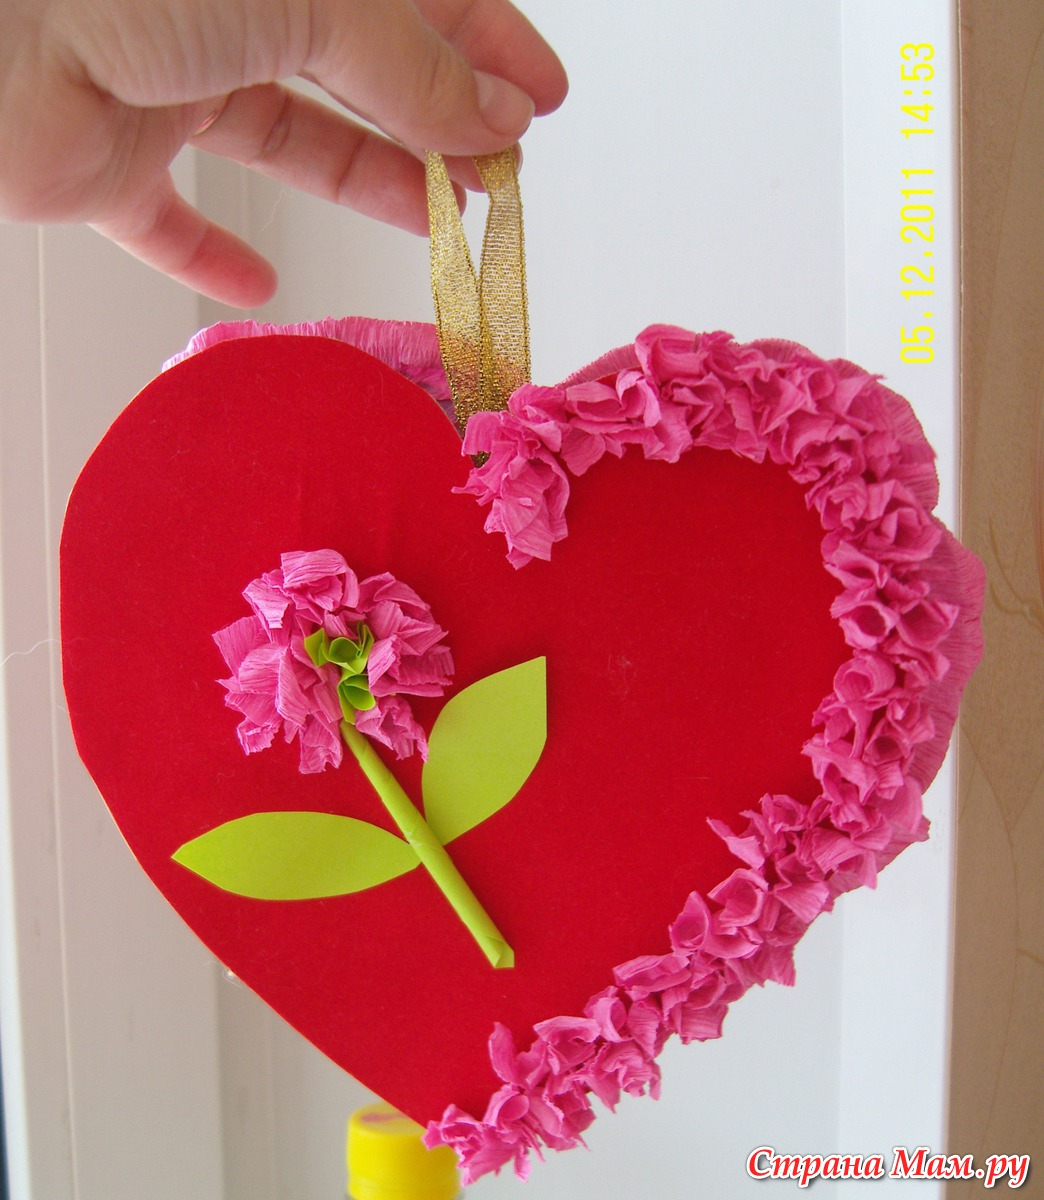 Поделка сердце в подарок маме